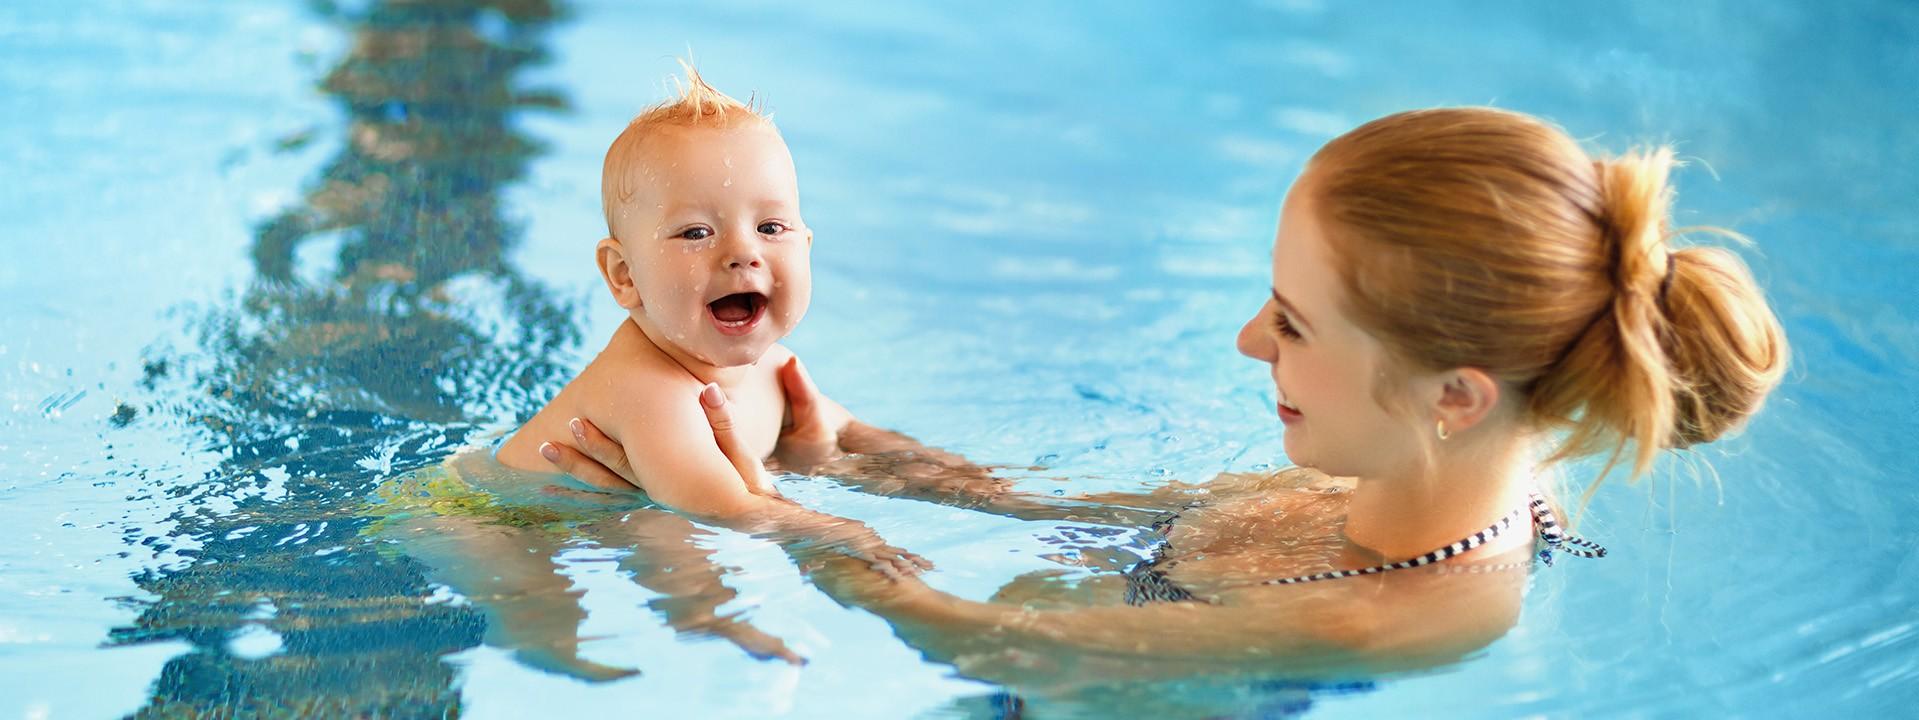 Mutter hält ihr Baby an den Händen und lässt es durch das Wasser gleiten